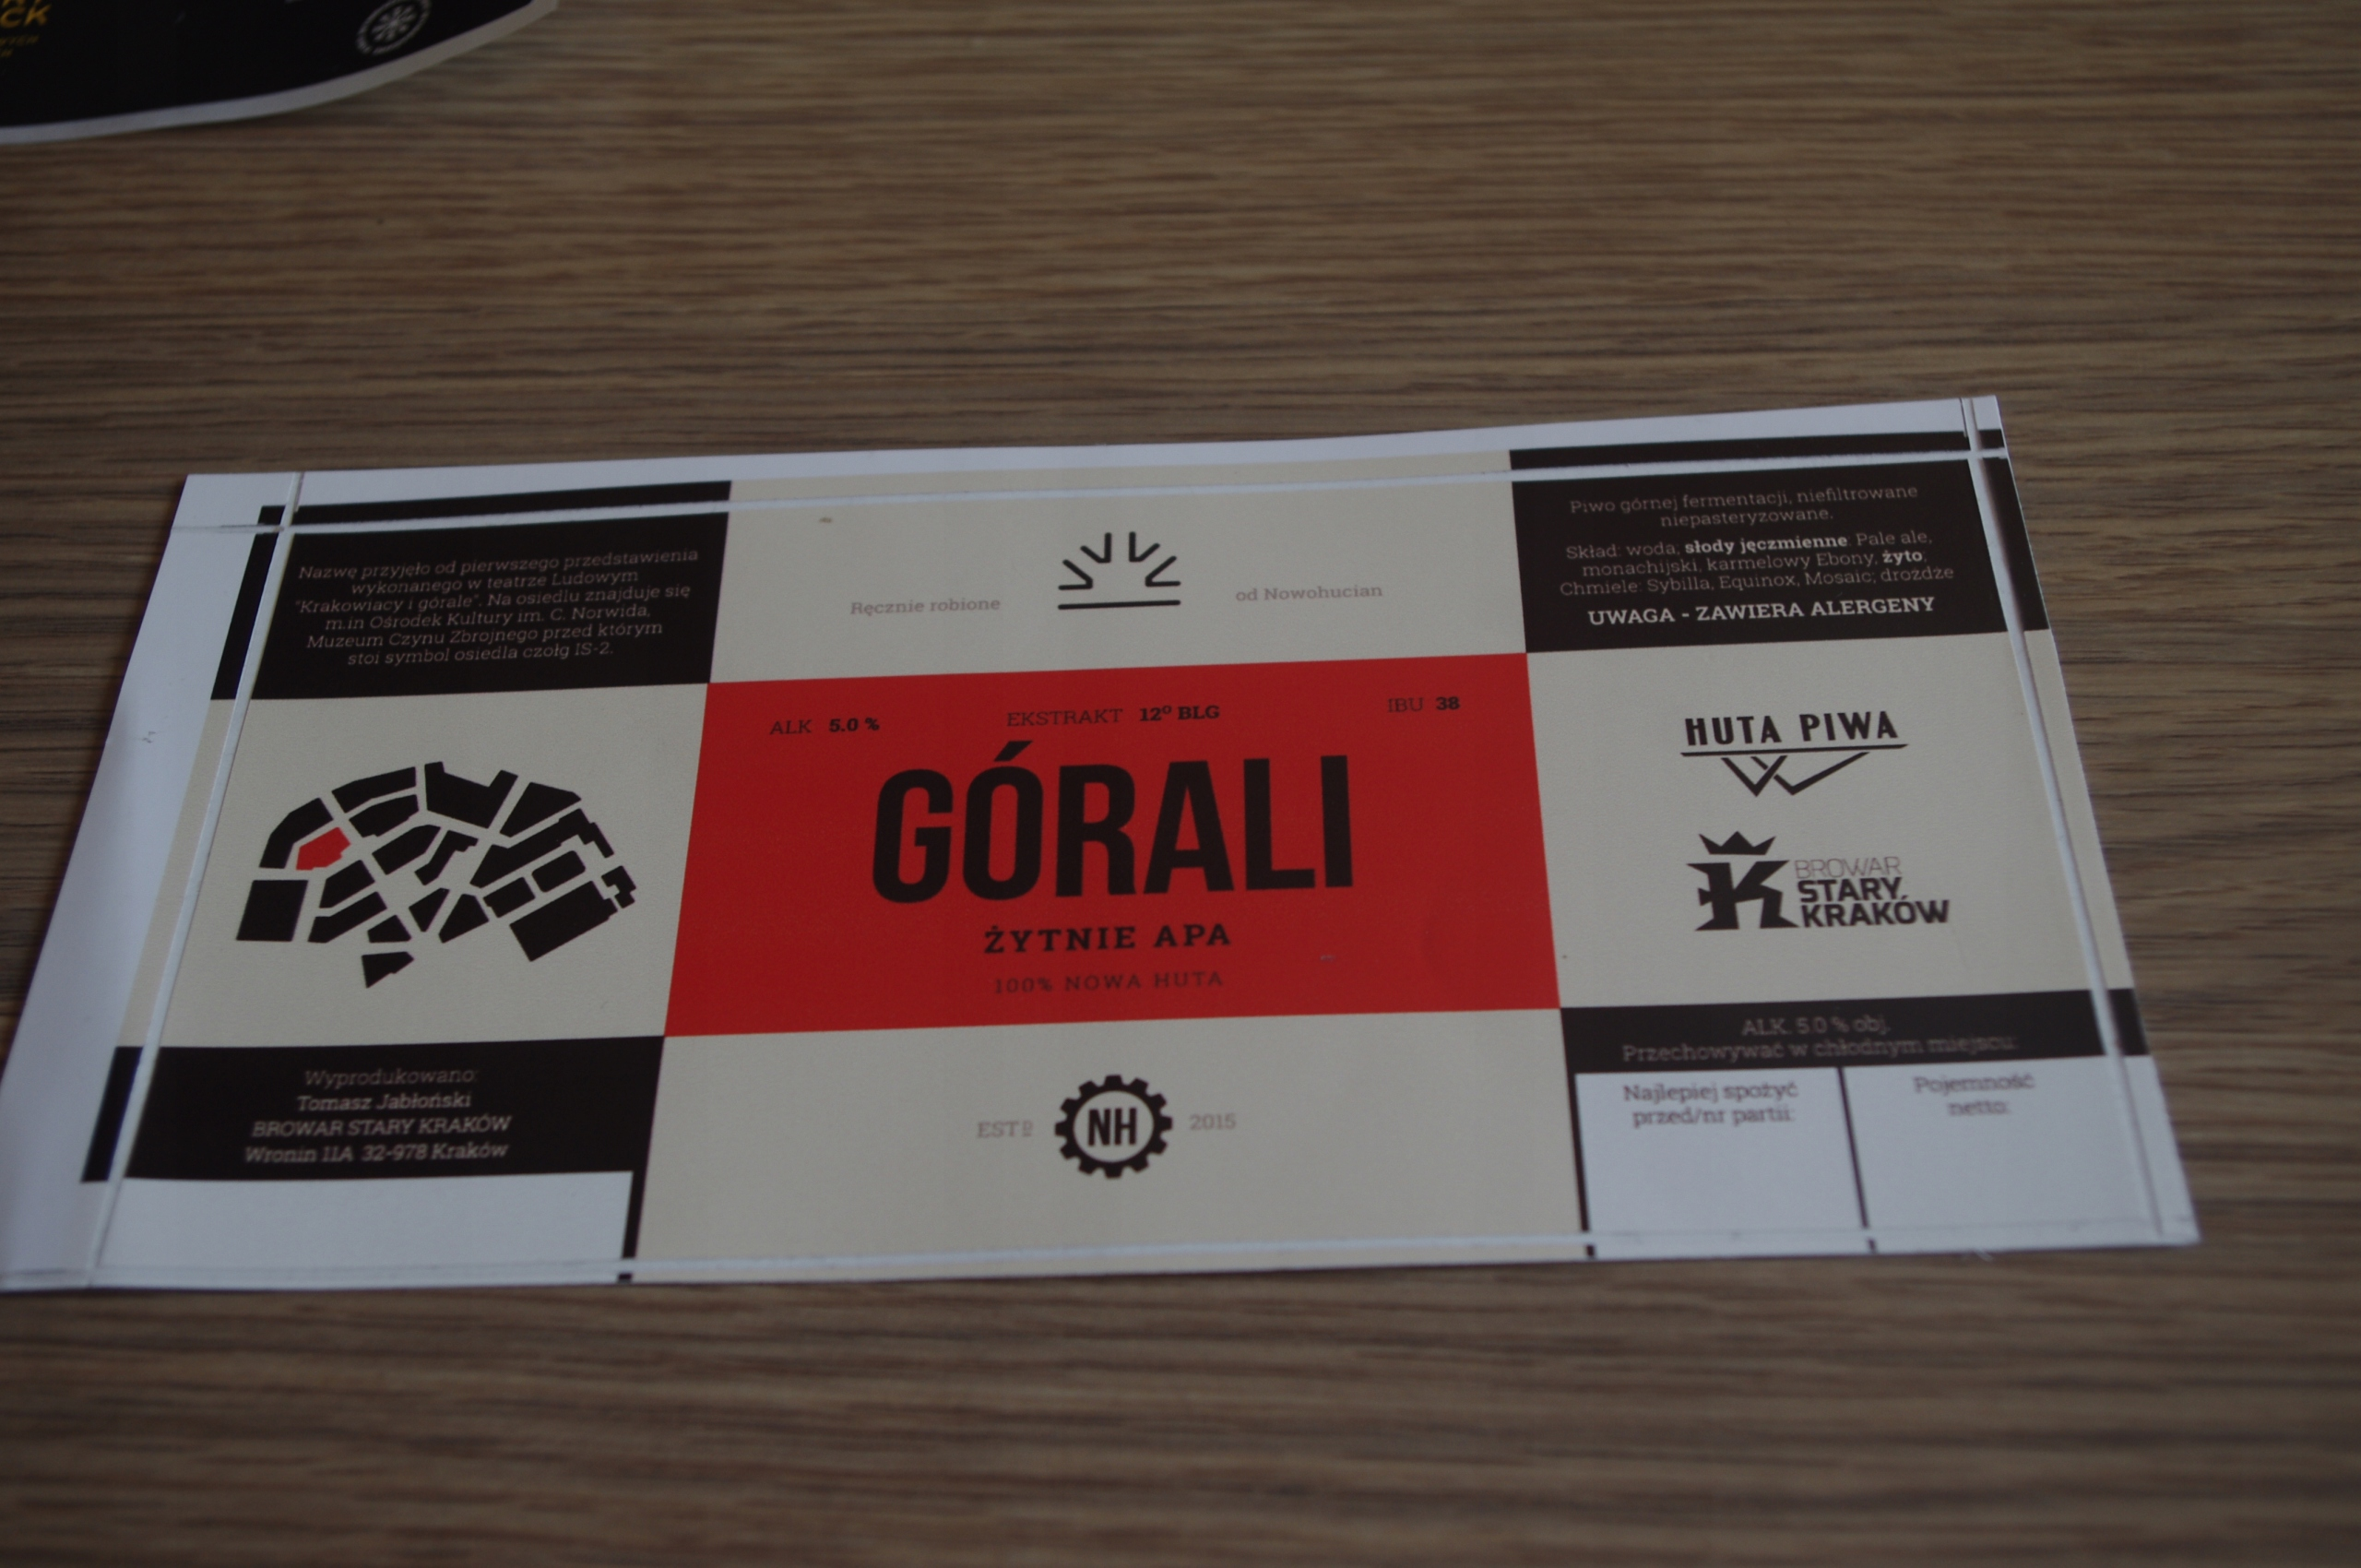 HUTA PIWA - GÓRALI